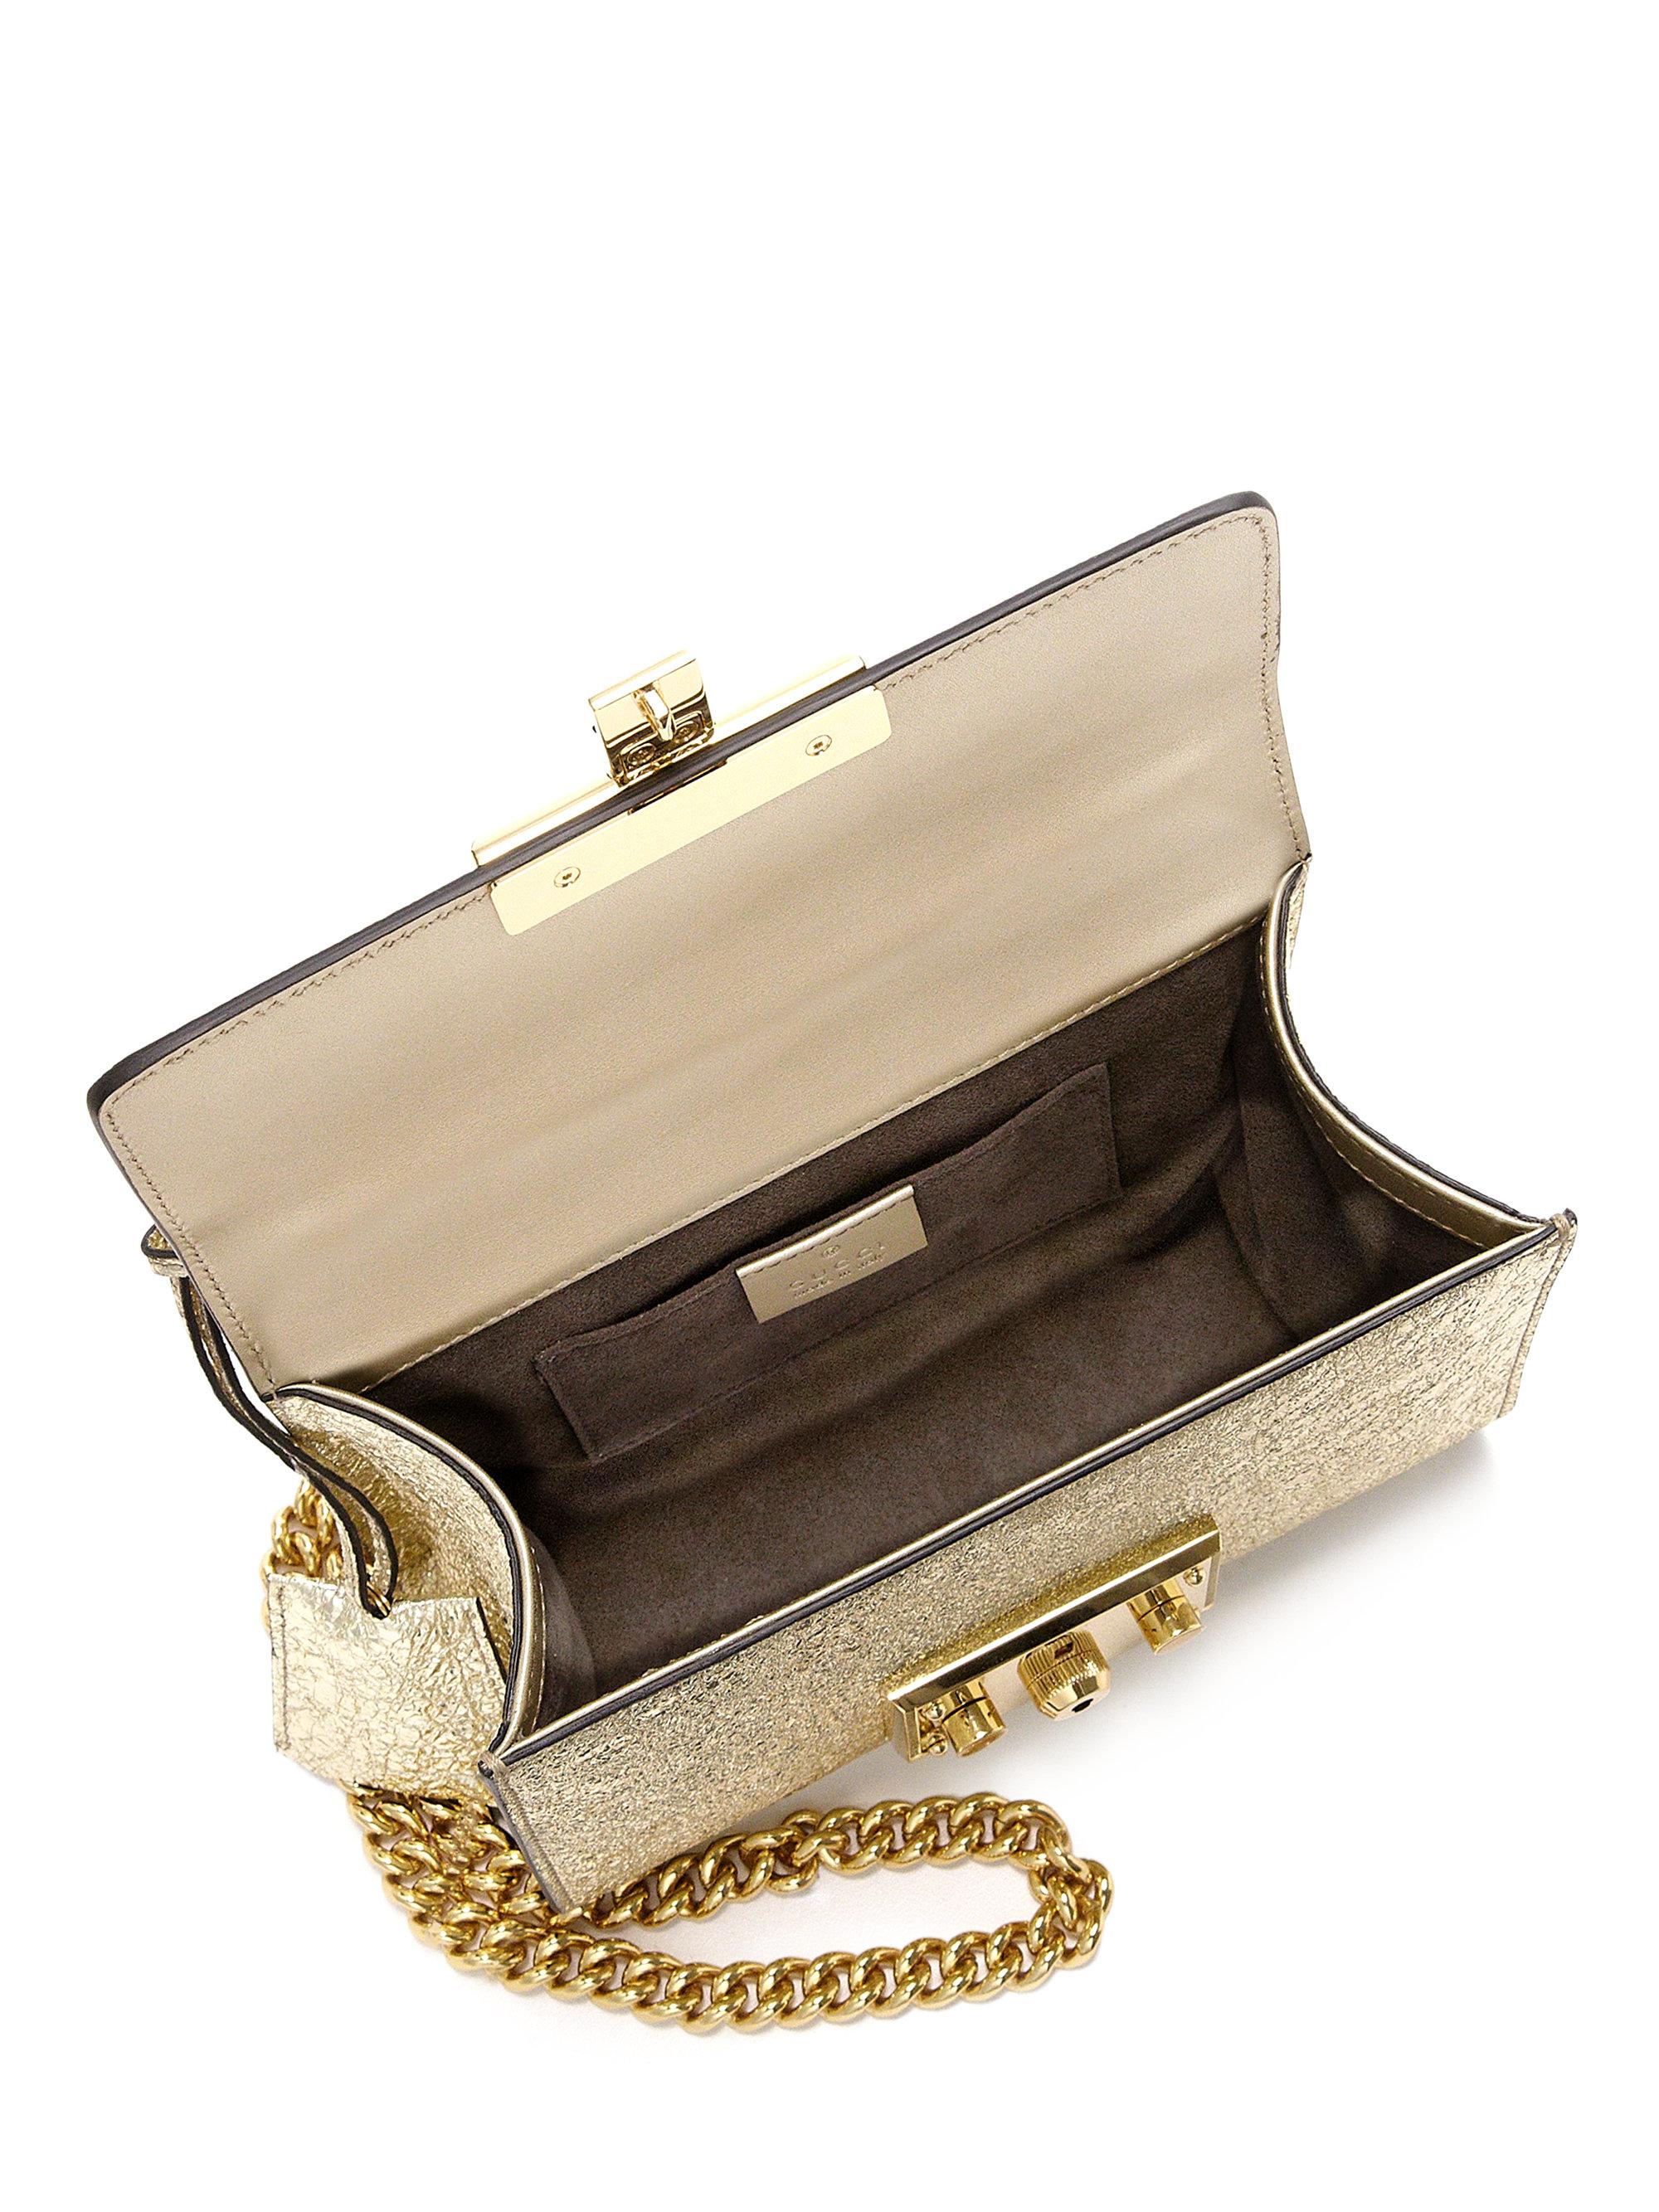 Gucci Padlock Metallic Shoulder Bag in Metallic